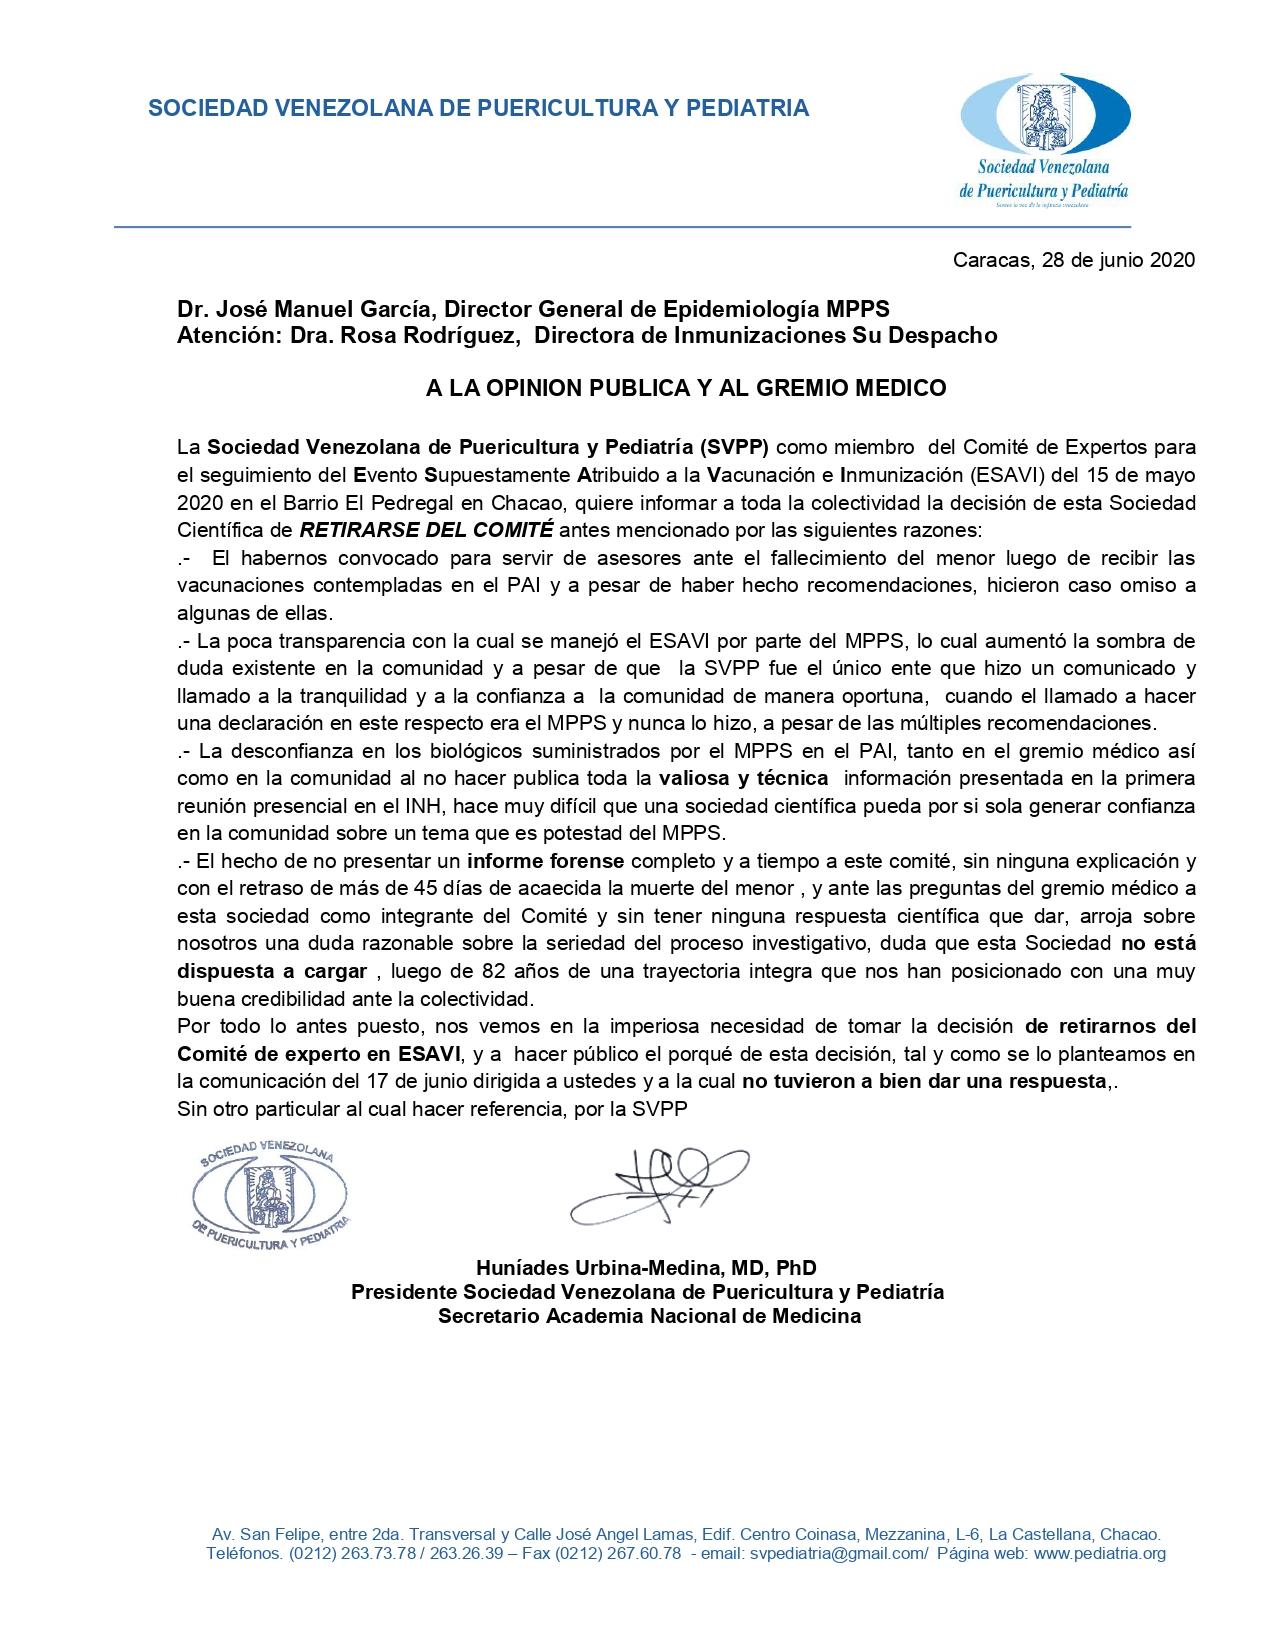 Sociedad de Pediatría advierte poca transparencia en el caso del bebé vacunado en Chacao